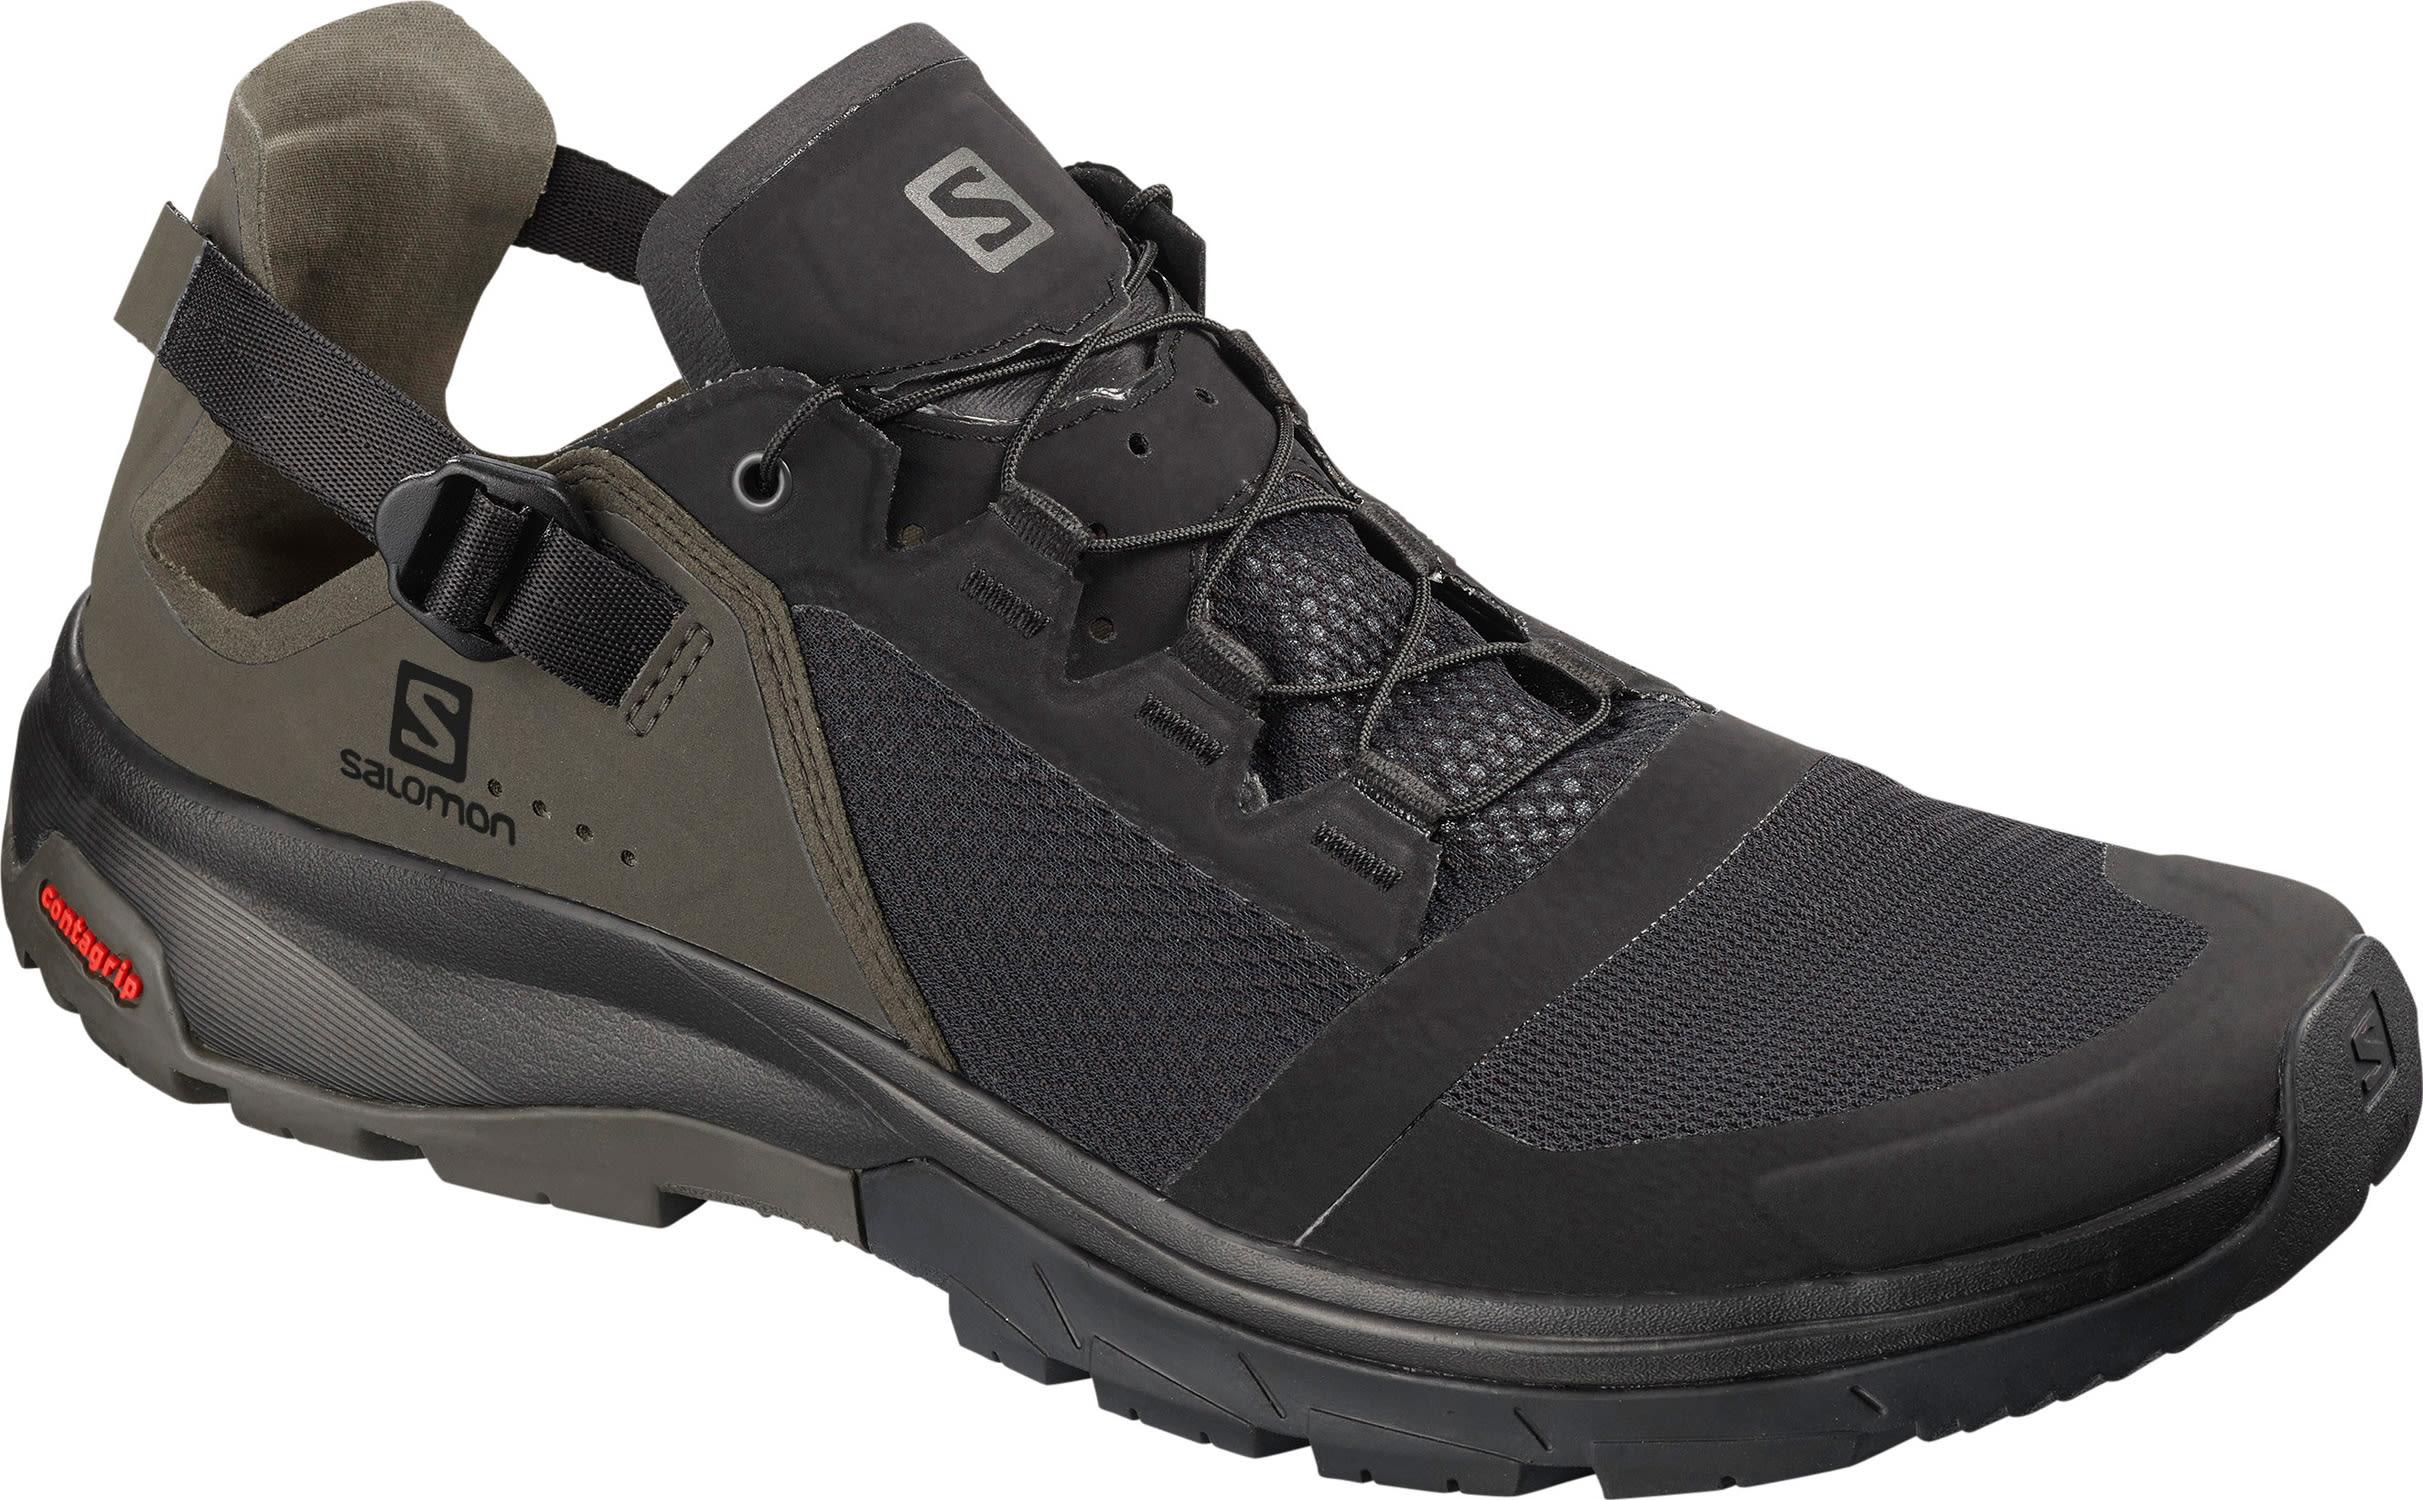 Salomon Techamphibian 4 Water Shoes 2019